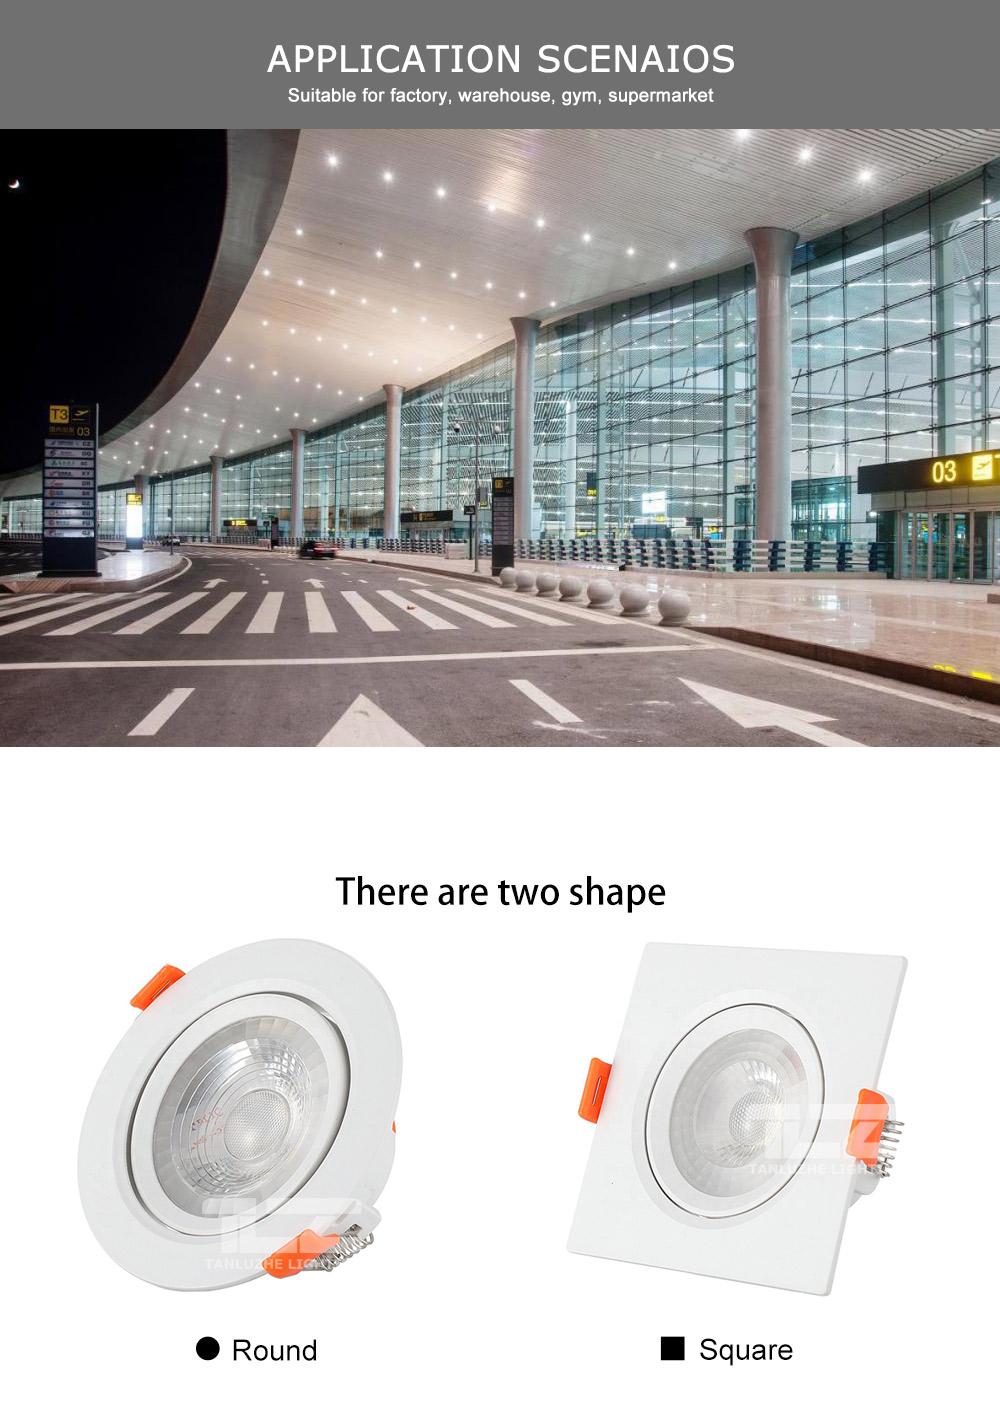 3w 5w 7w 9w 10w 12w 15w 18w aluminum round square ceiling recessed led cob spot light